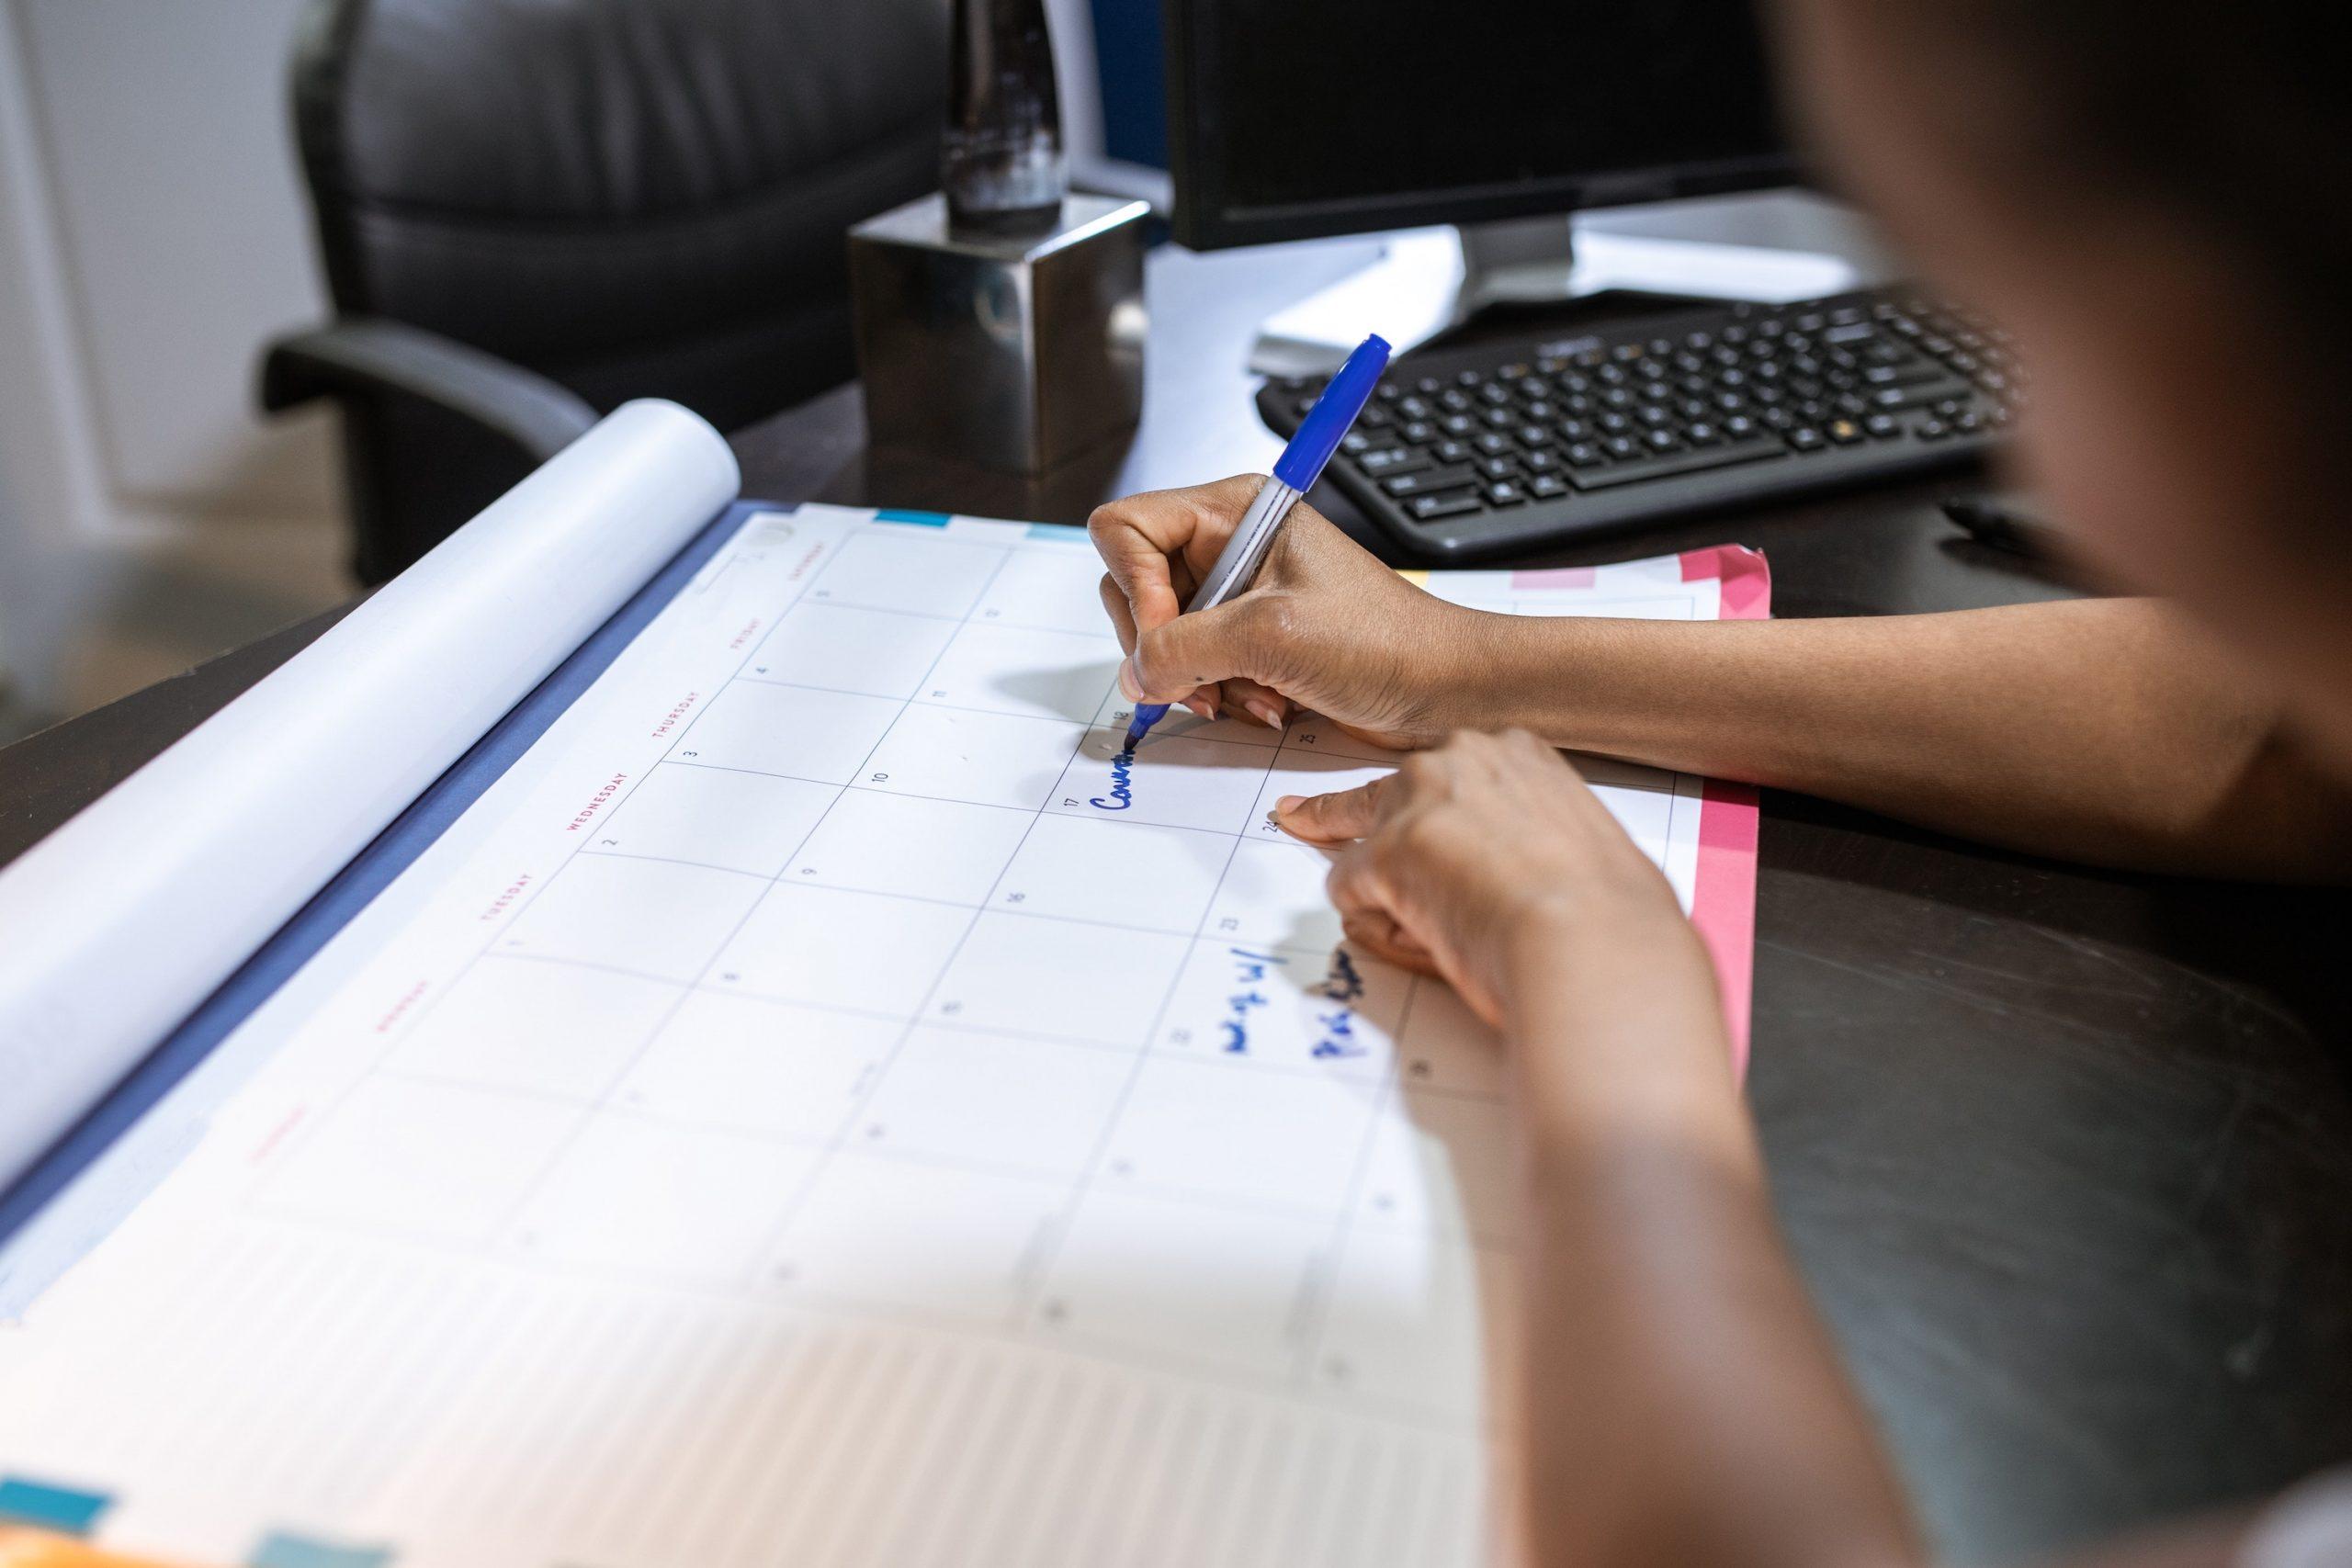 Turnos de trabajo: Qué dice la ley + 5 tips para gestionarlos